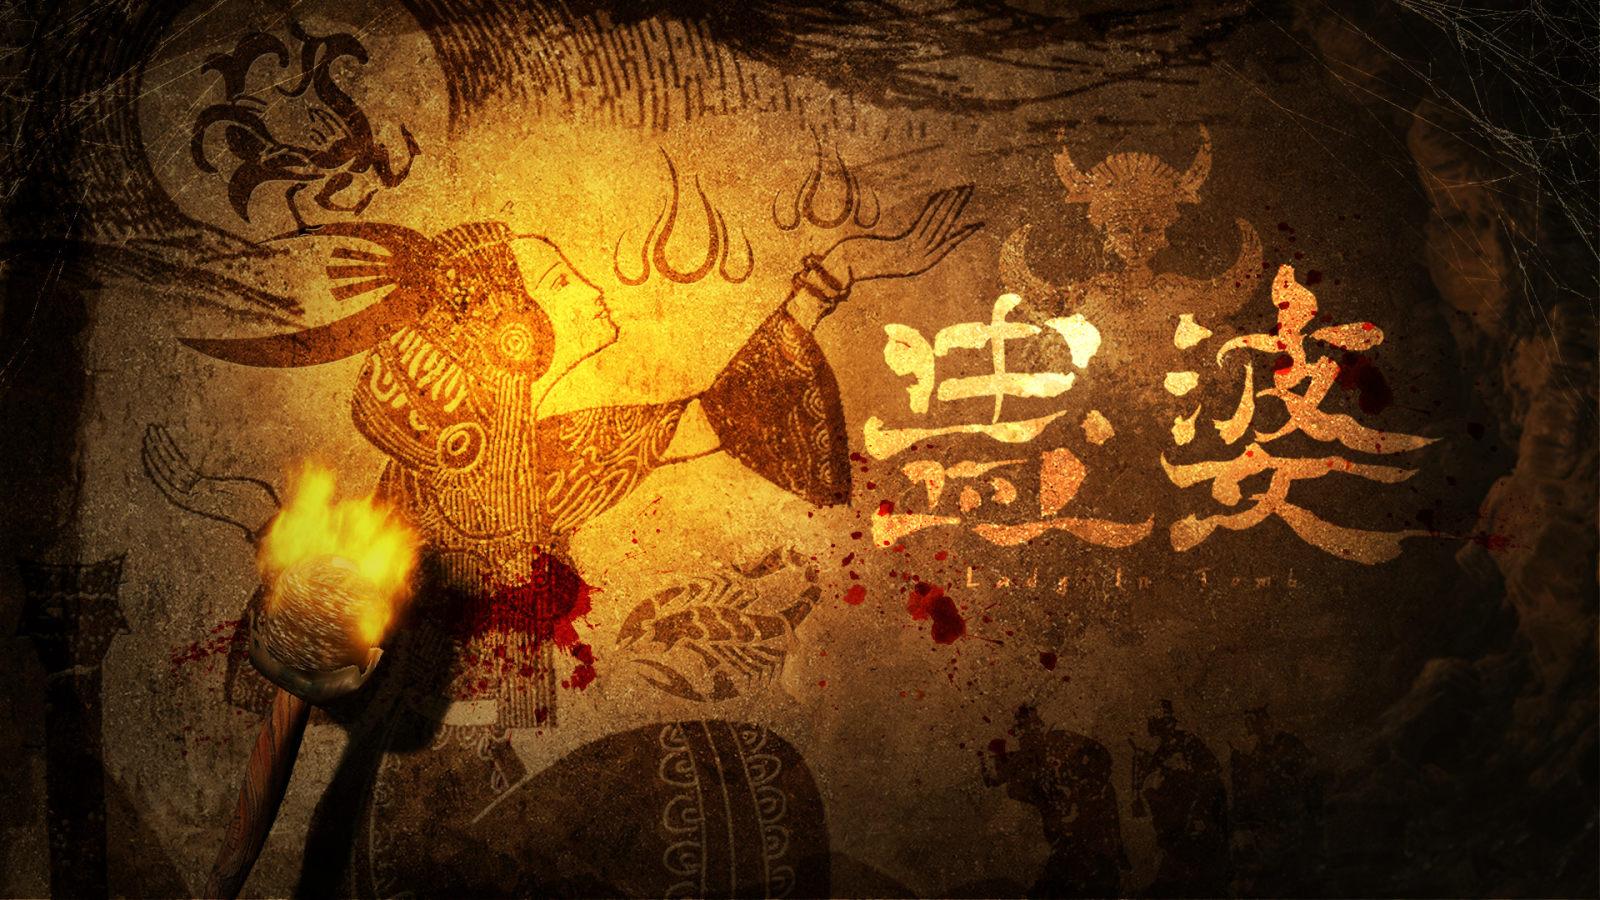 【抽奖】第三人称解谜冒险游戏《蛊婆》现已推出正式版